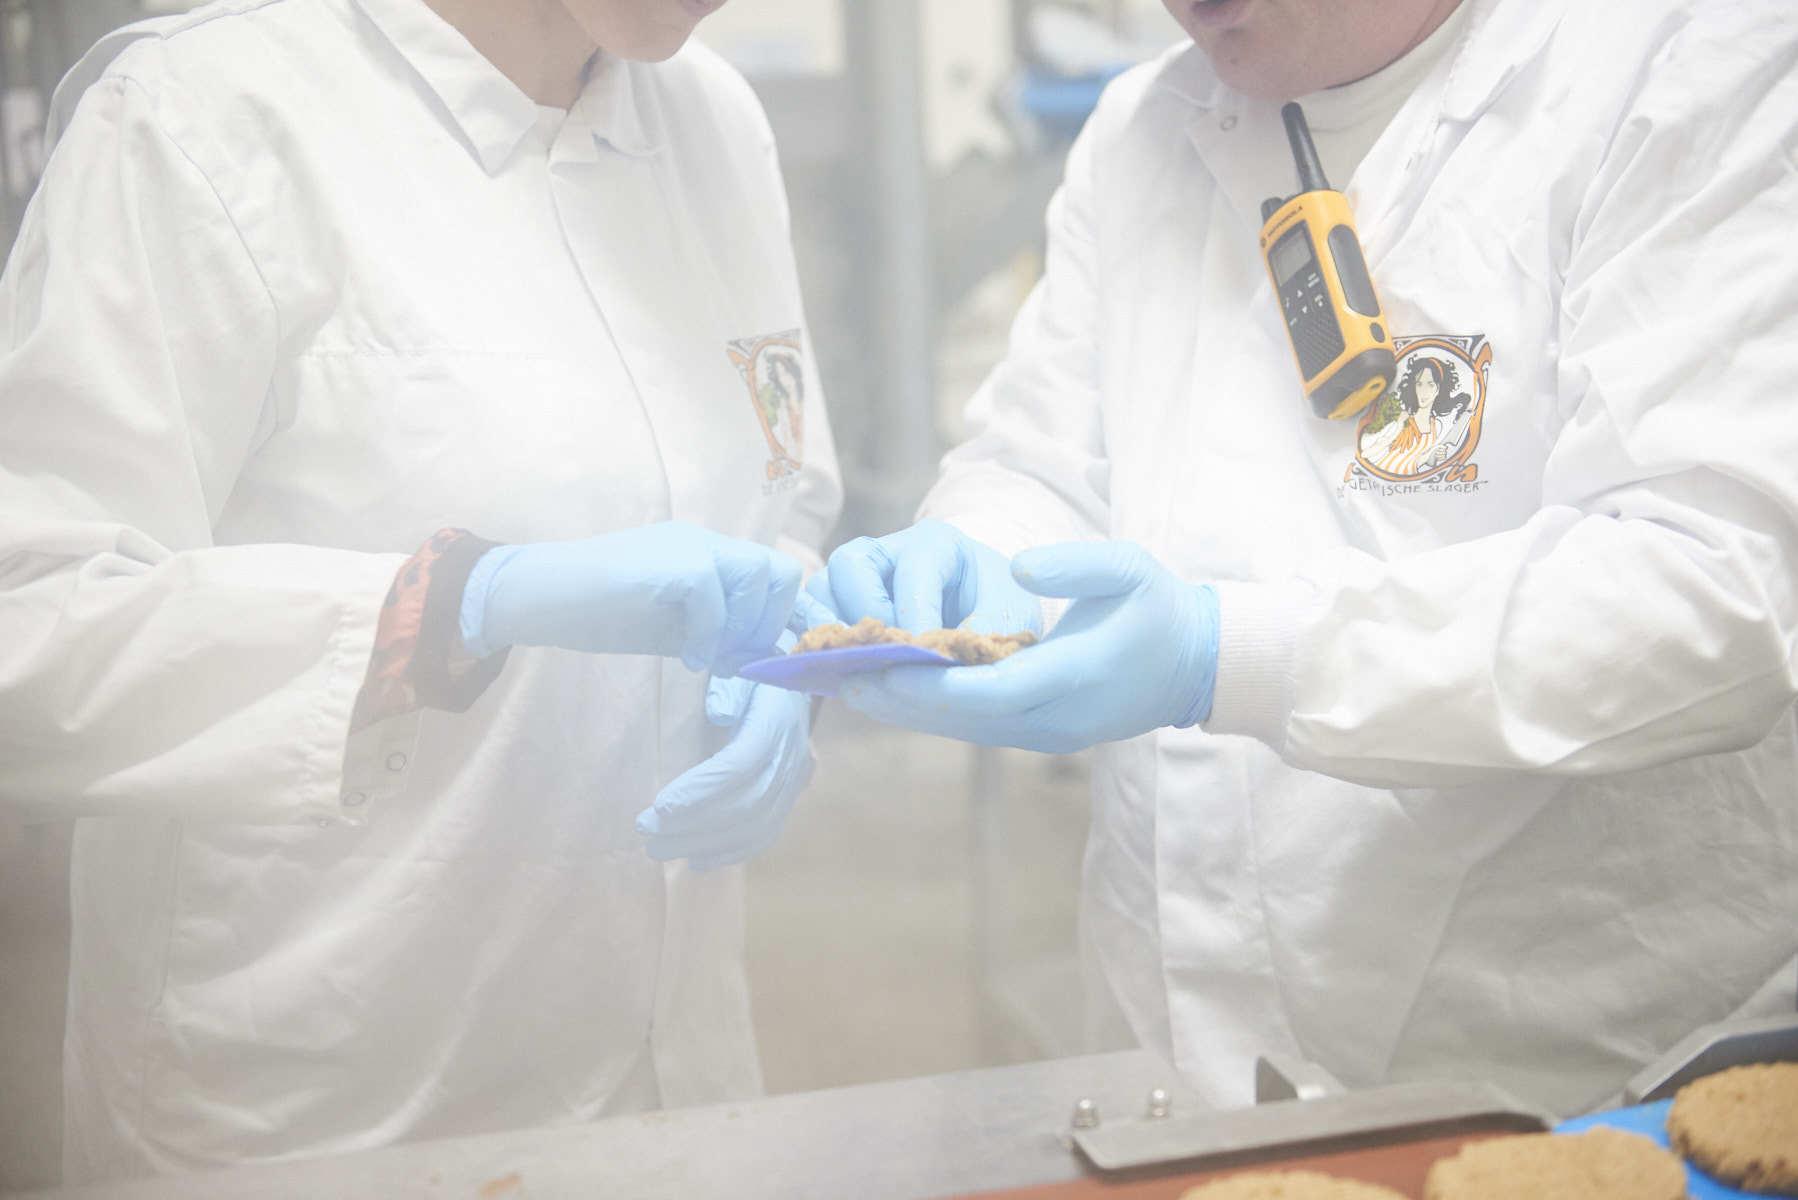 fabriek de vegetarische slager